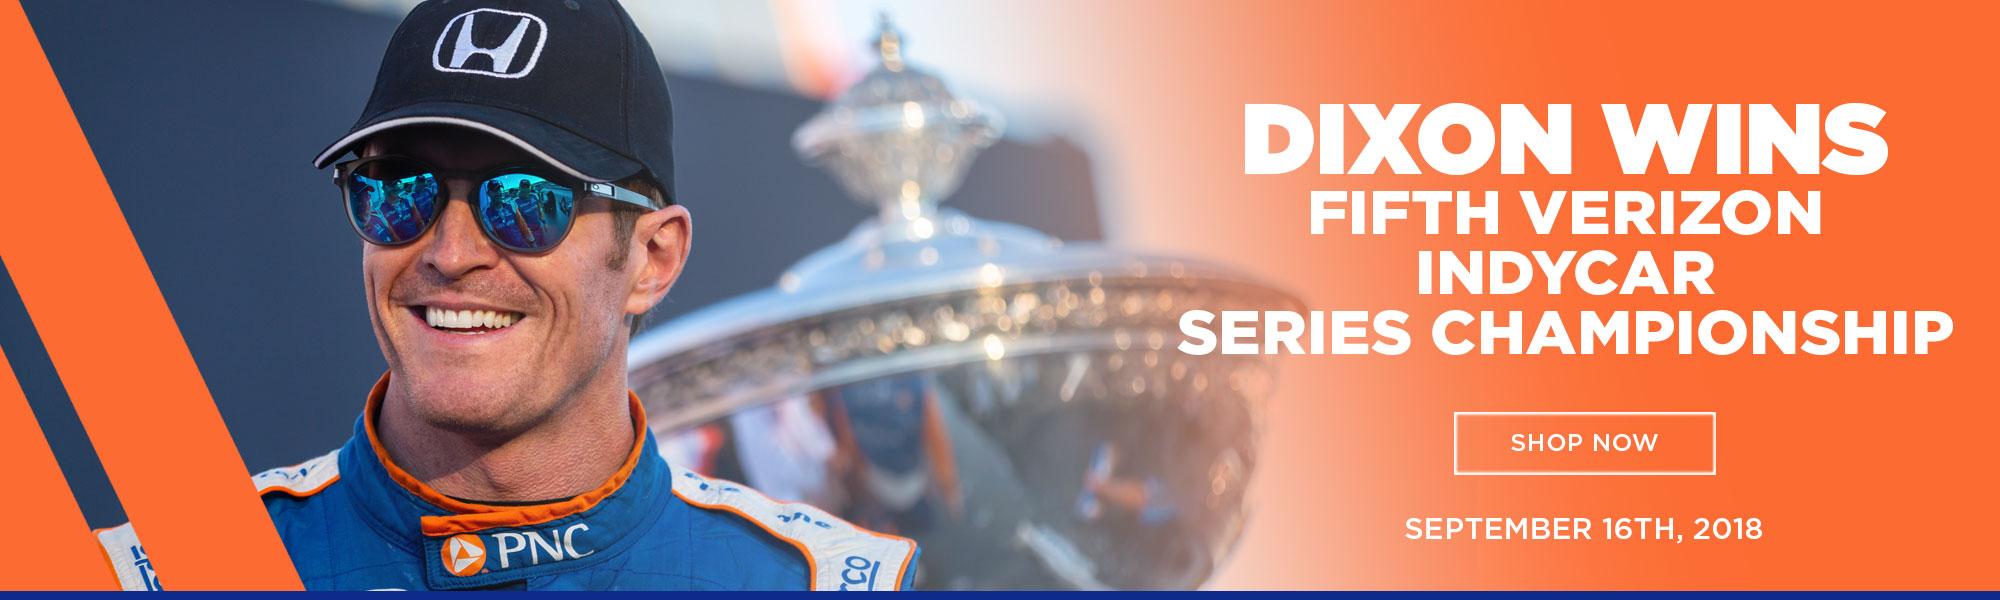 homepage-indycar-dixon-indycar-series-winner.jpg